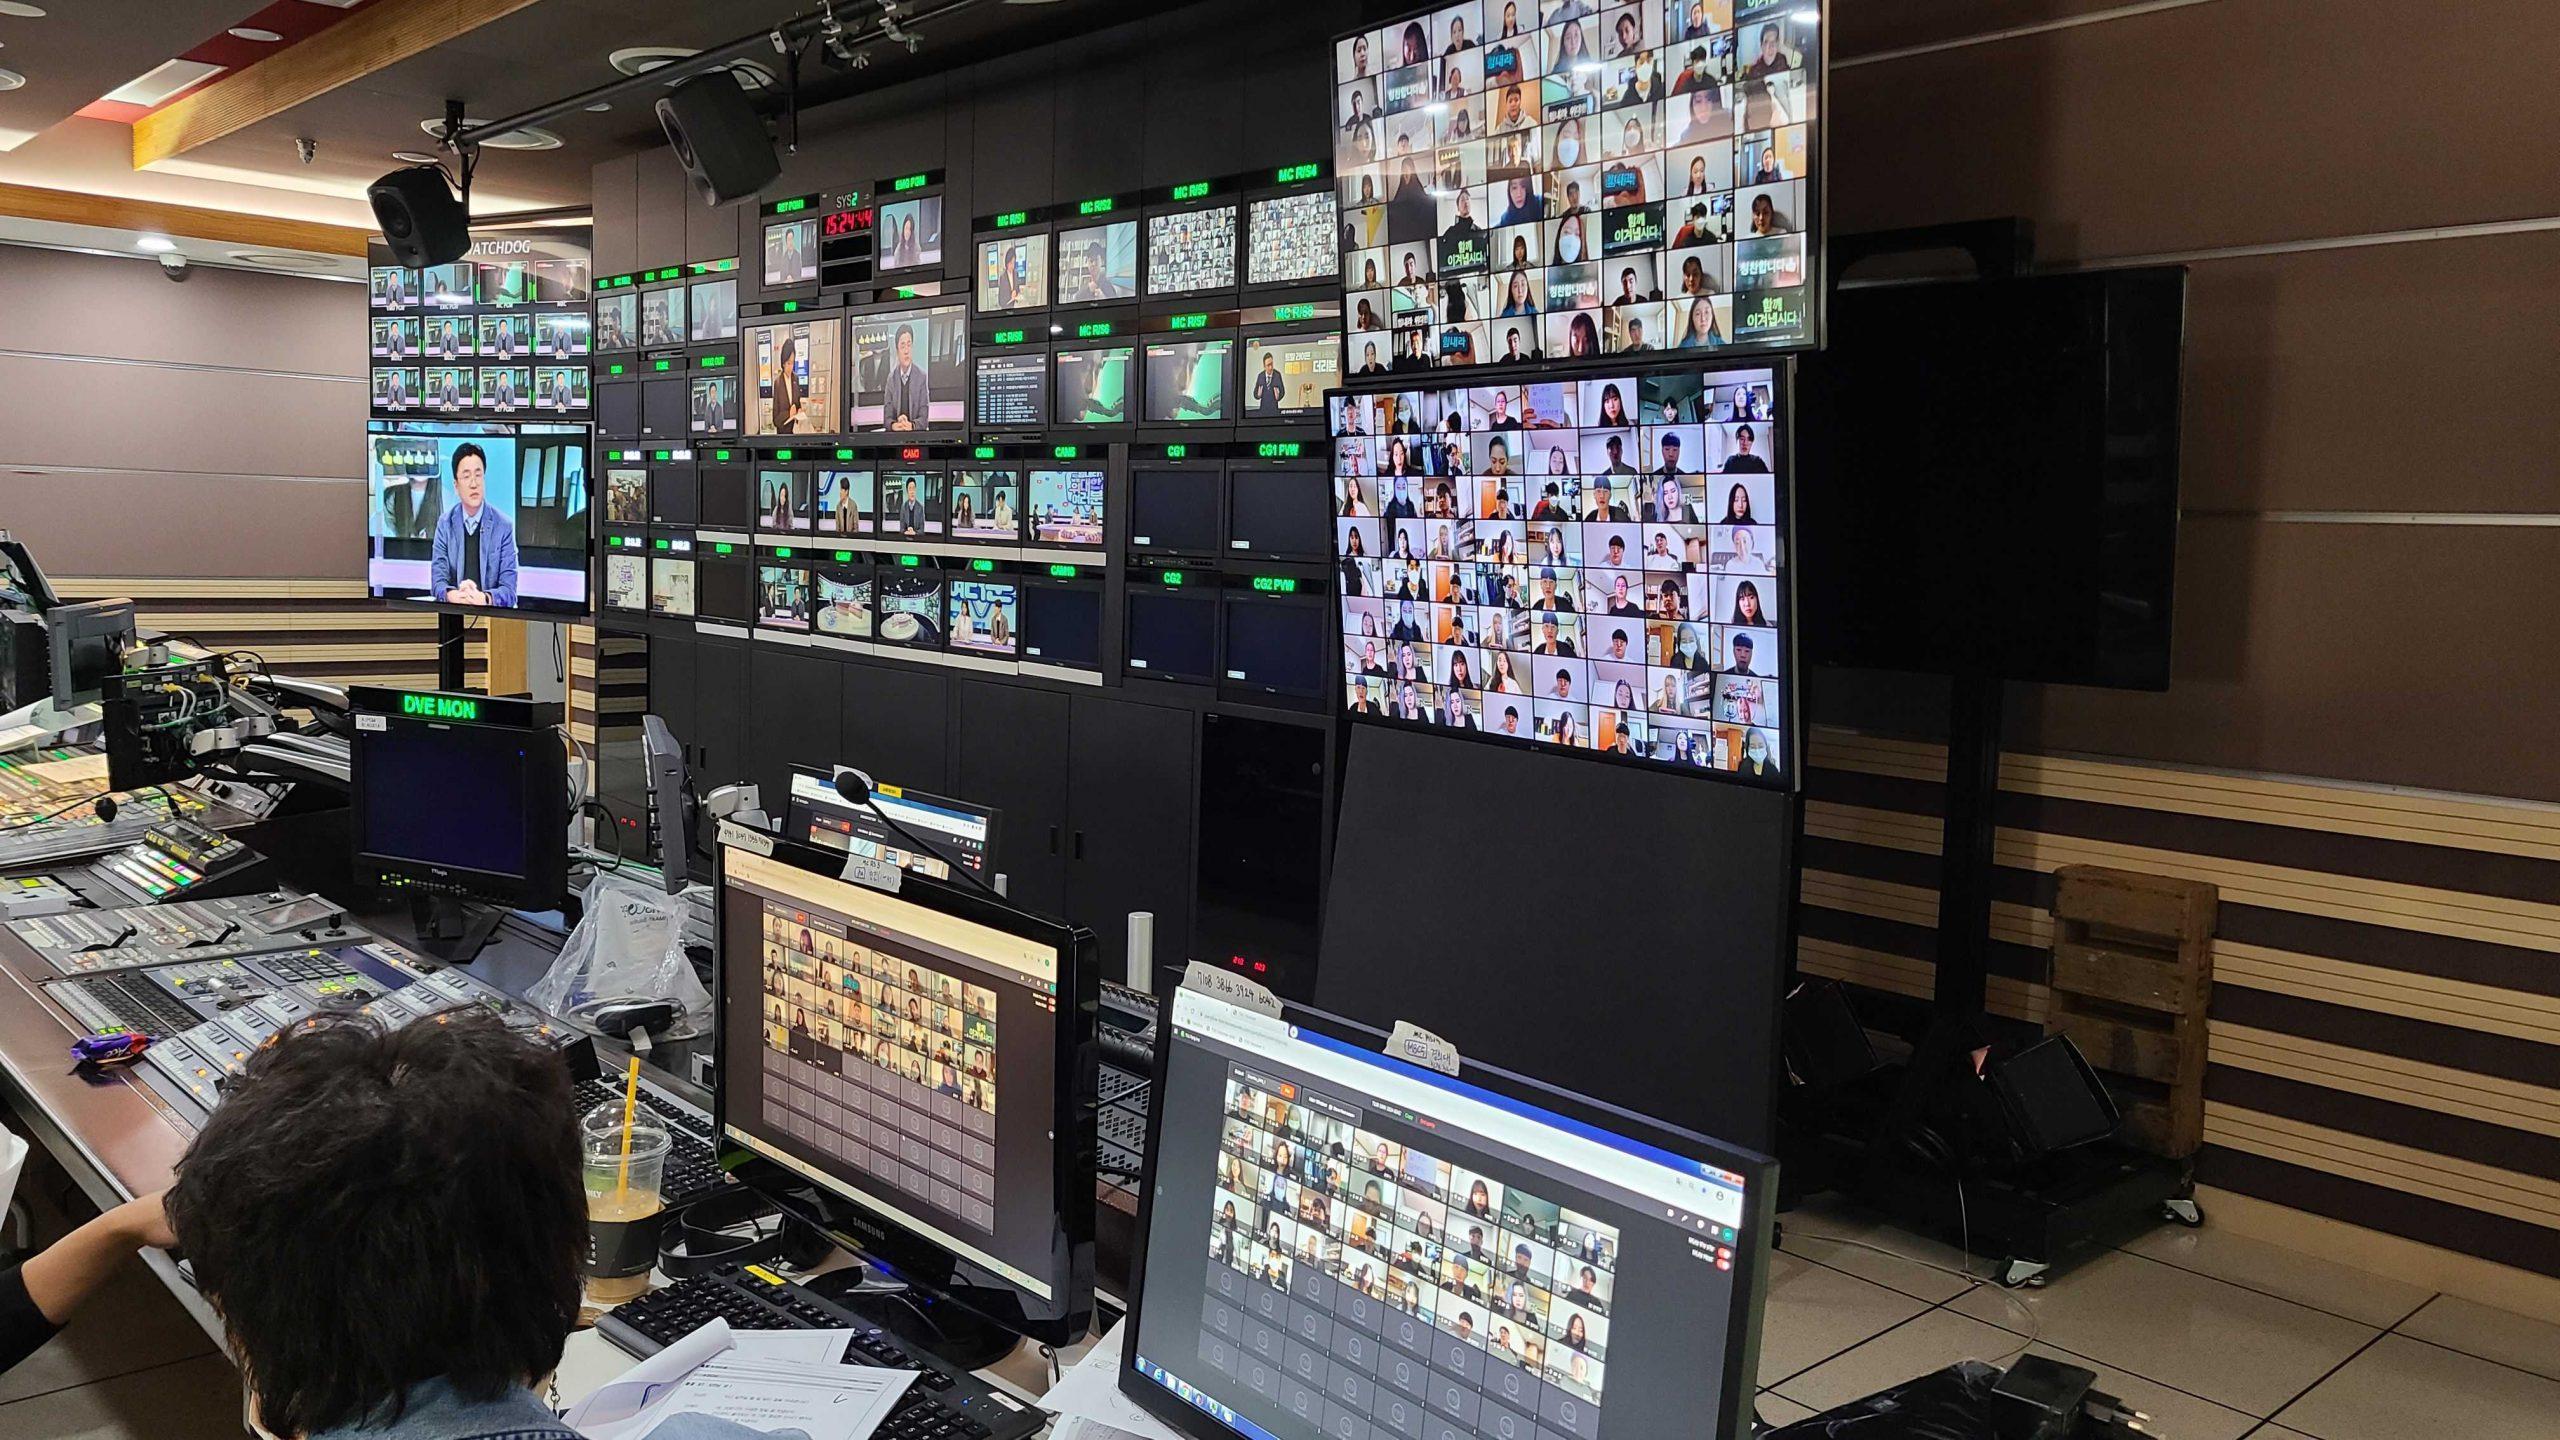 TVU Networks giúp Kênh truyền hình Munhwa - Hàn Quốc phát sóng Sự kiện ảo trong mùa COVID-19